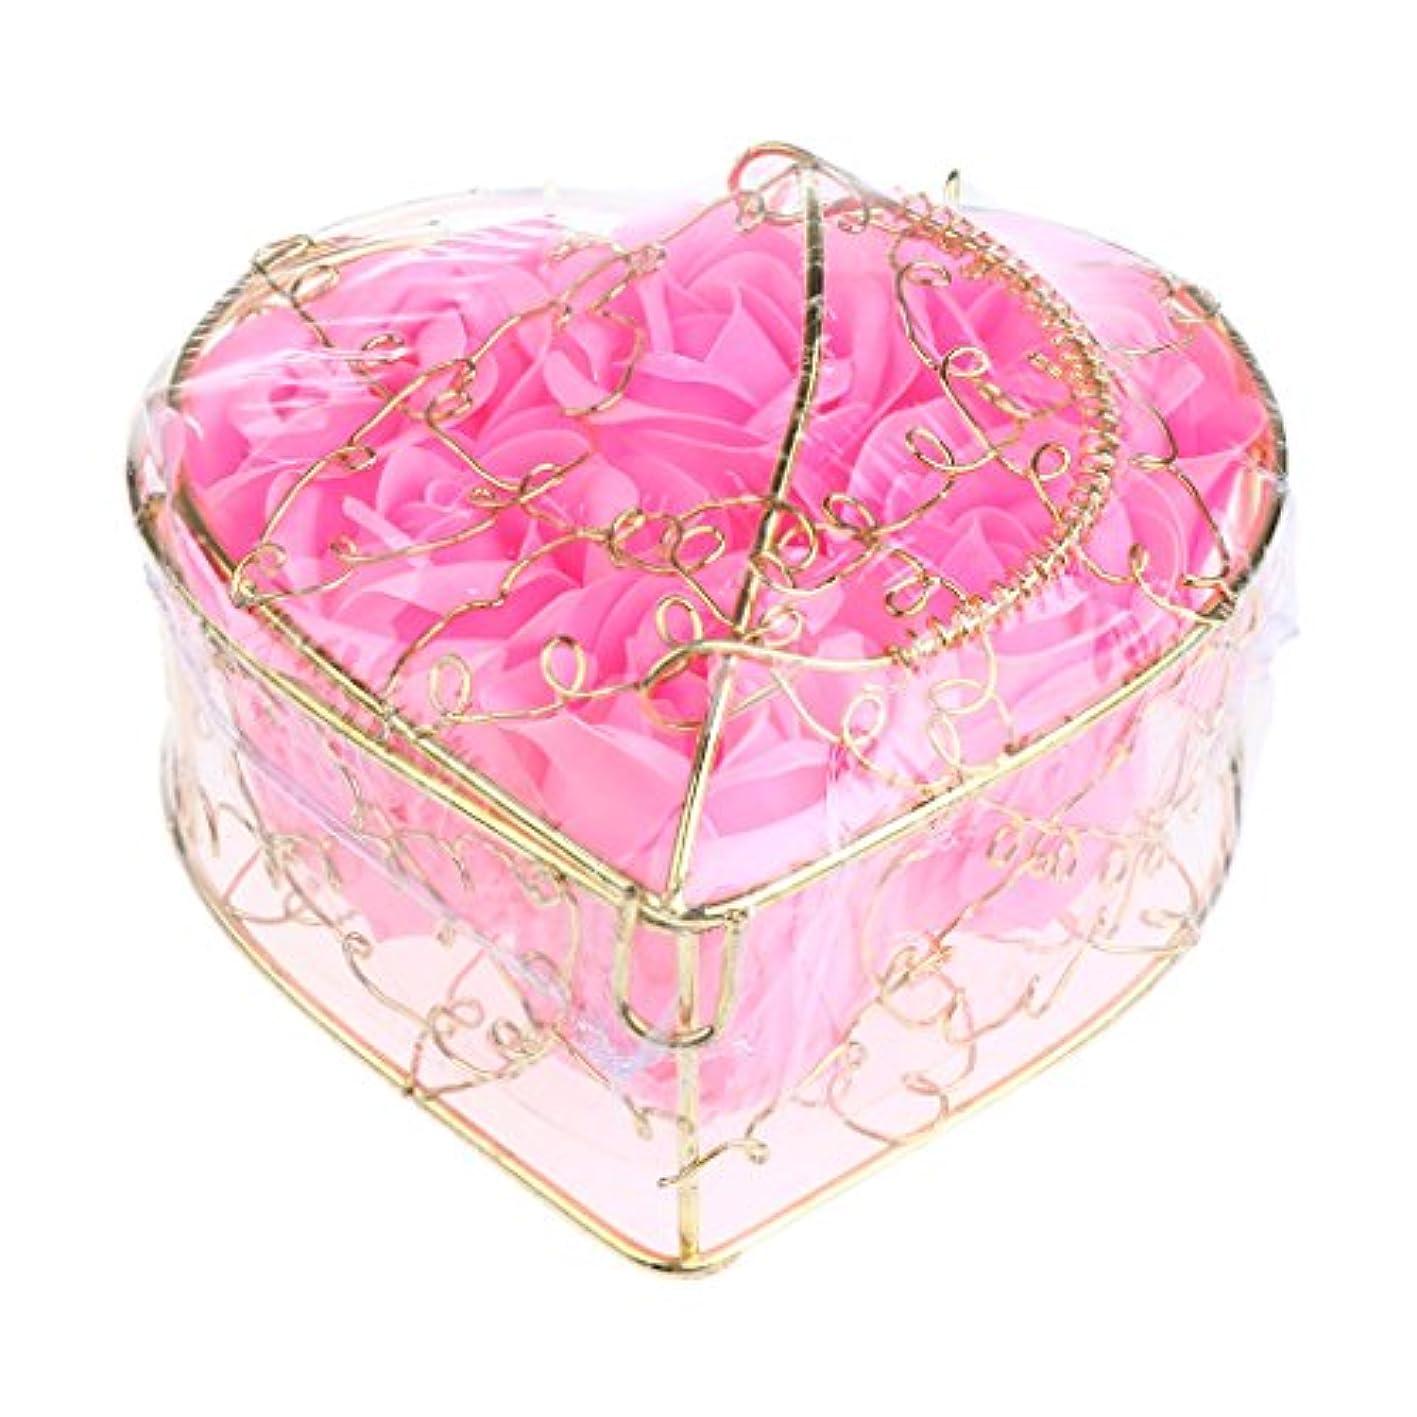 揮発性放射性自発的Kesoto 6個 石鹸の花 バラ 石鹸の花びら 母の日 ギフトボックス ロマンチック 全5タイプ選べる - ピンク